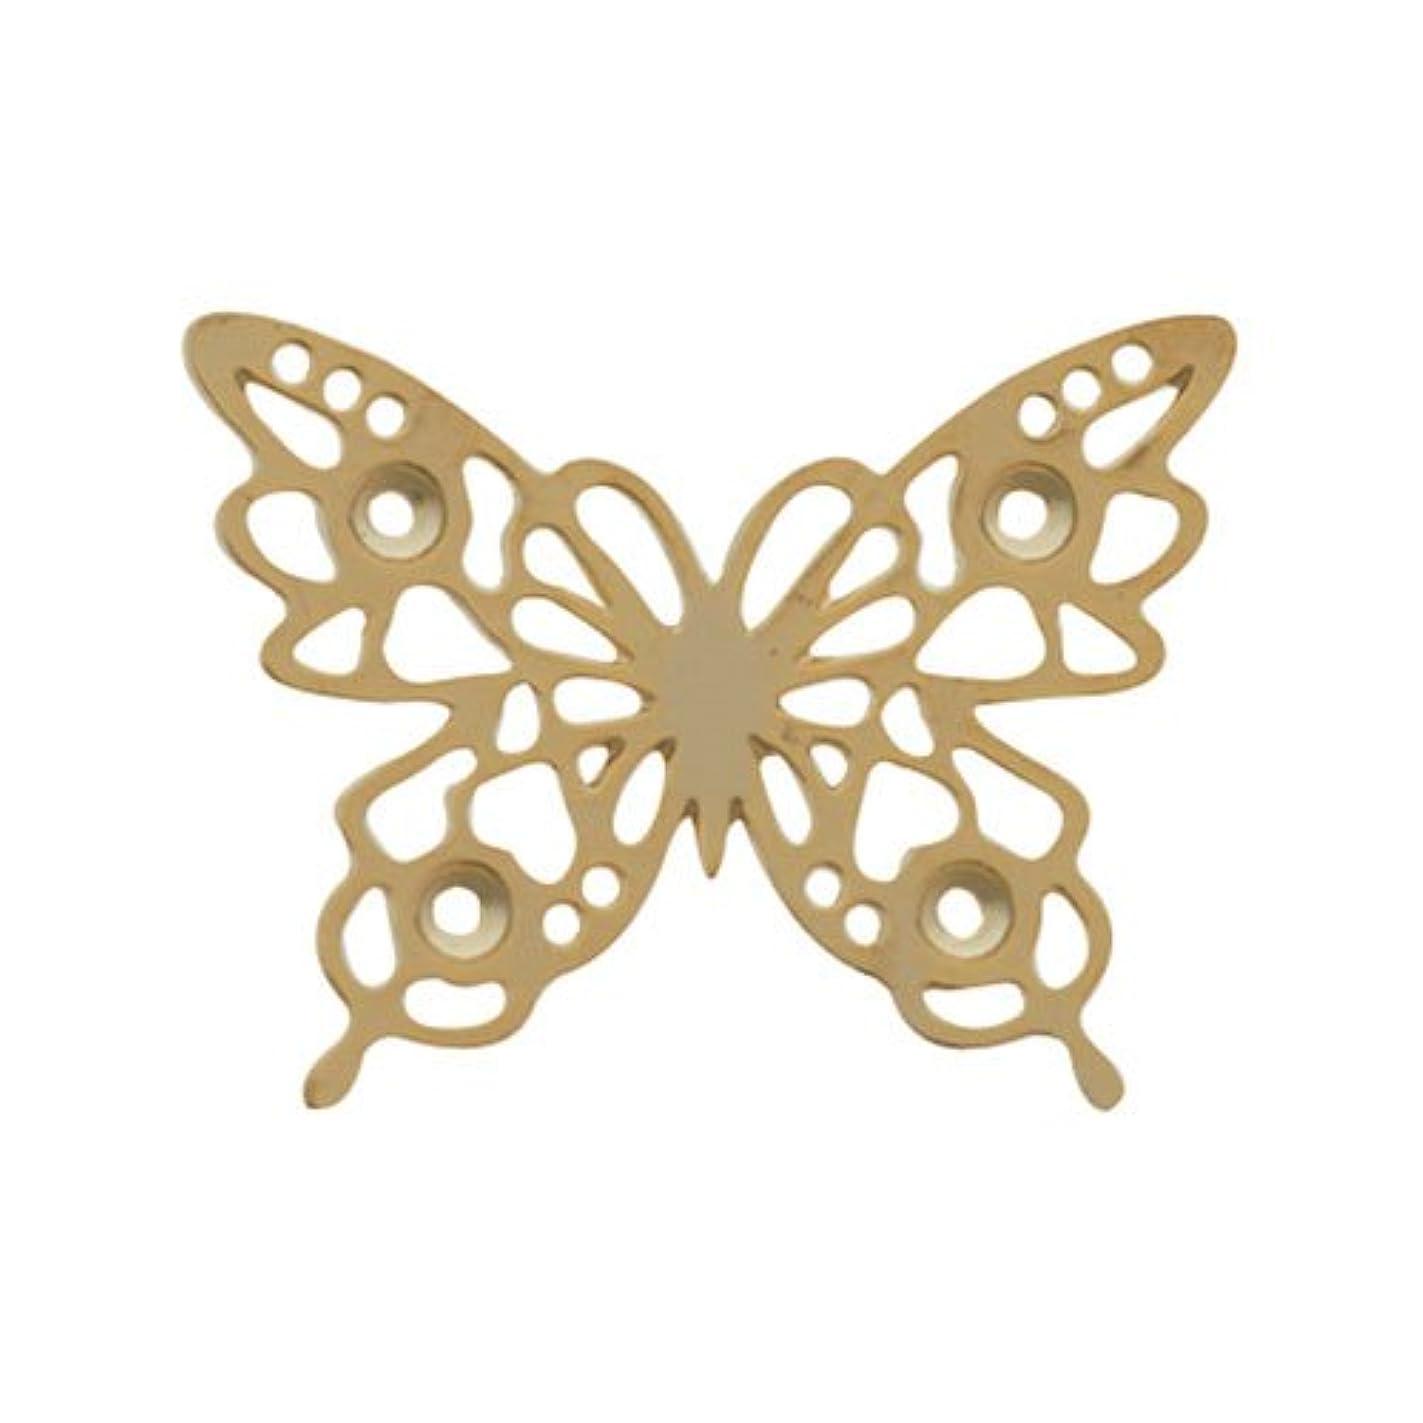 レガシー予想外想像するリトルプリティー ネイルアートパーツ チョウレースM ゴールド 10個